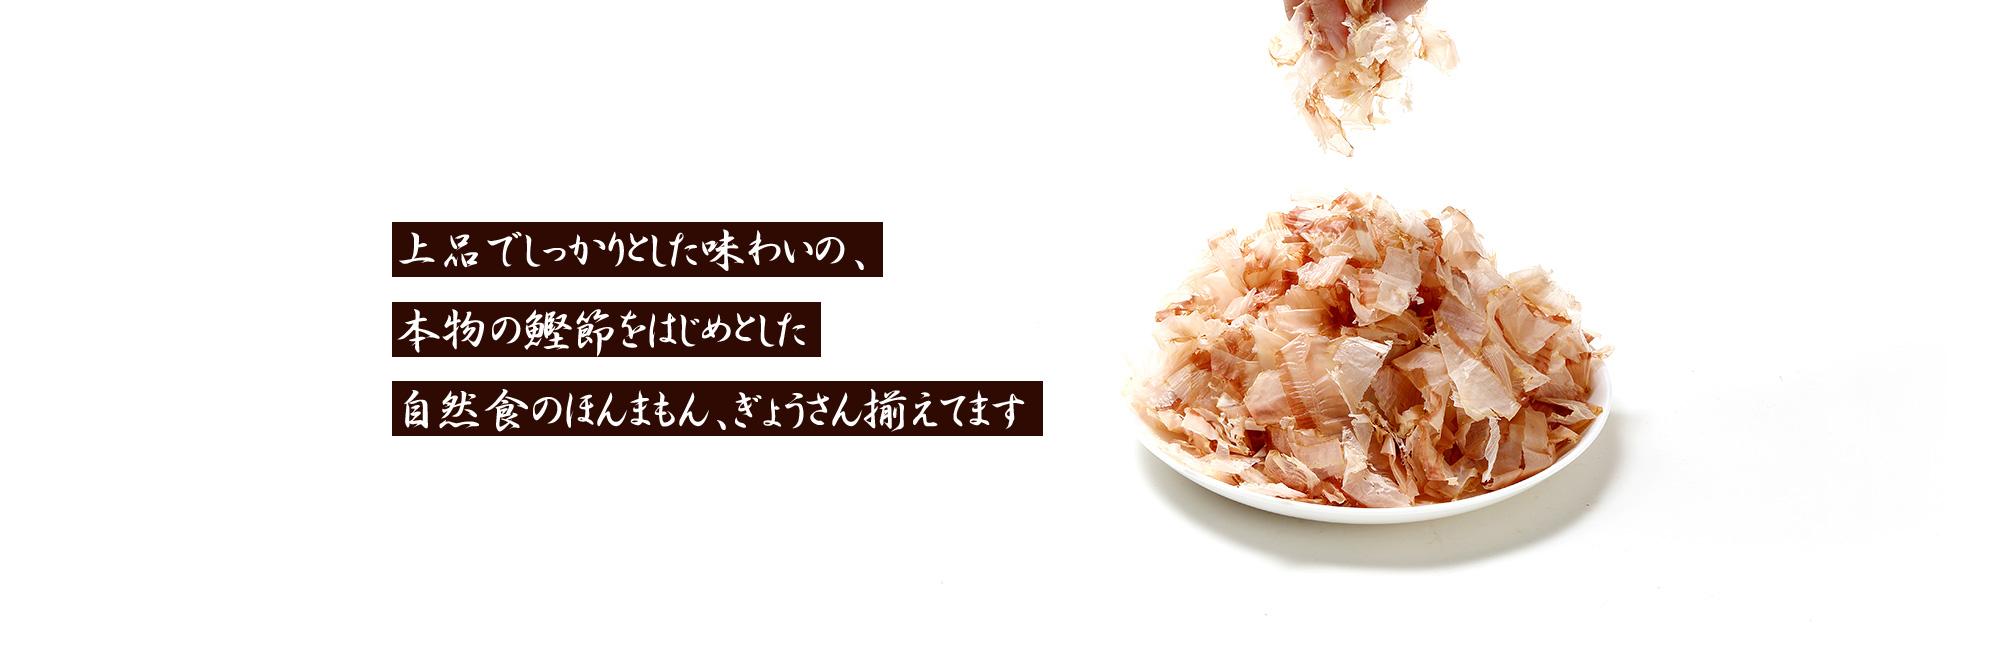 上品でしっかりとした味わいの、本物の鰹節をはじめとした自然食のほんまもん、ぎょうさん揃えてます